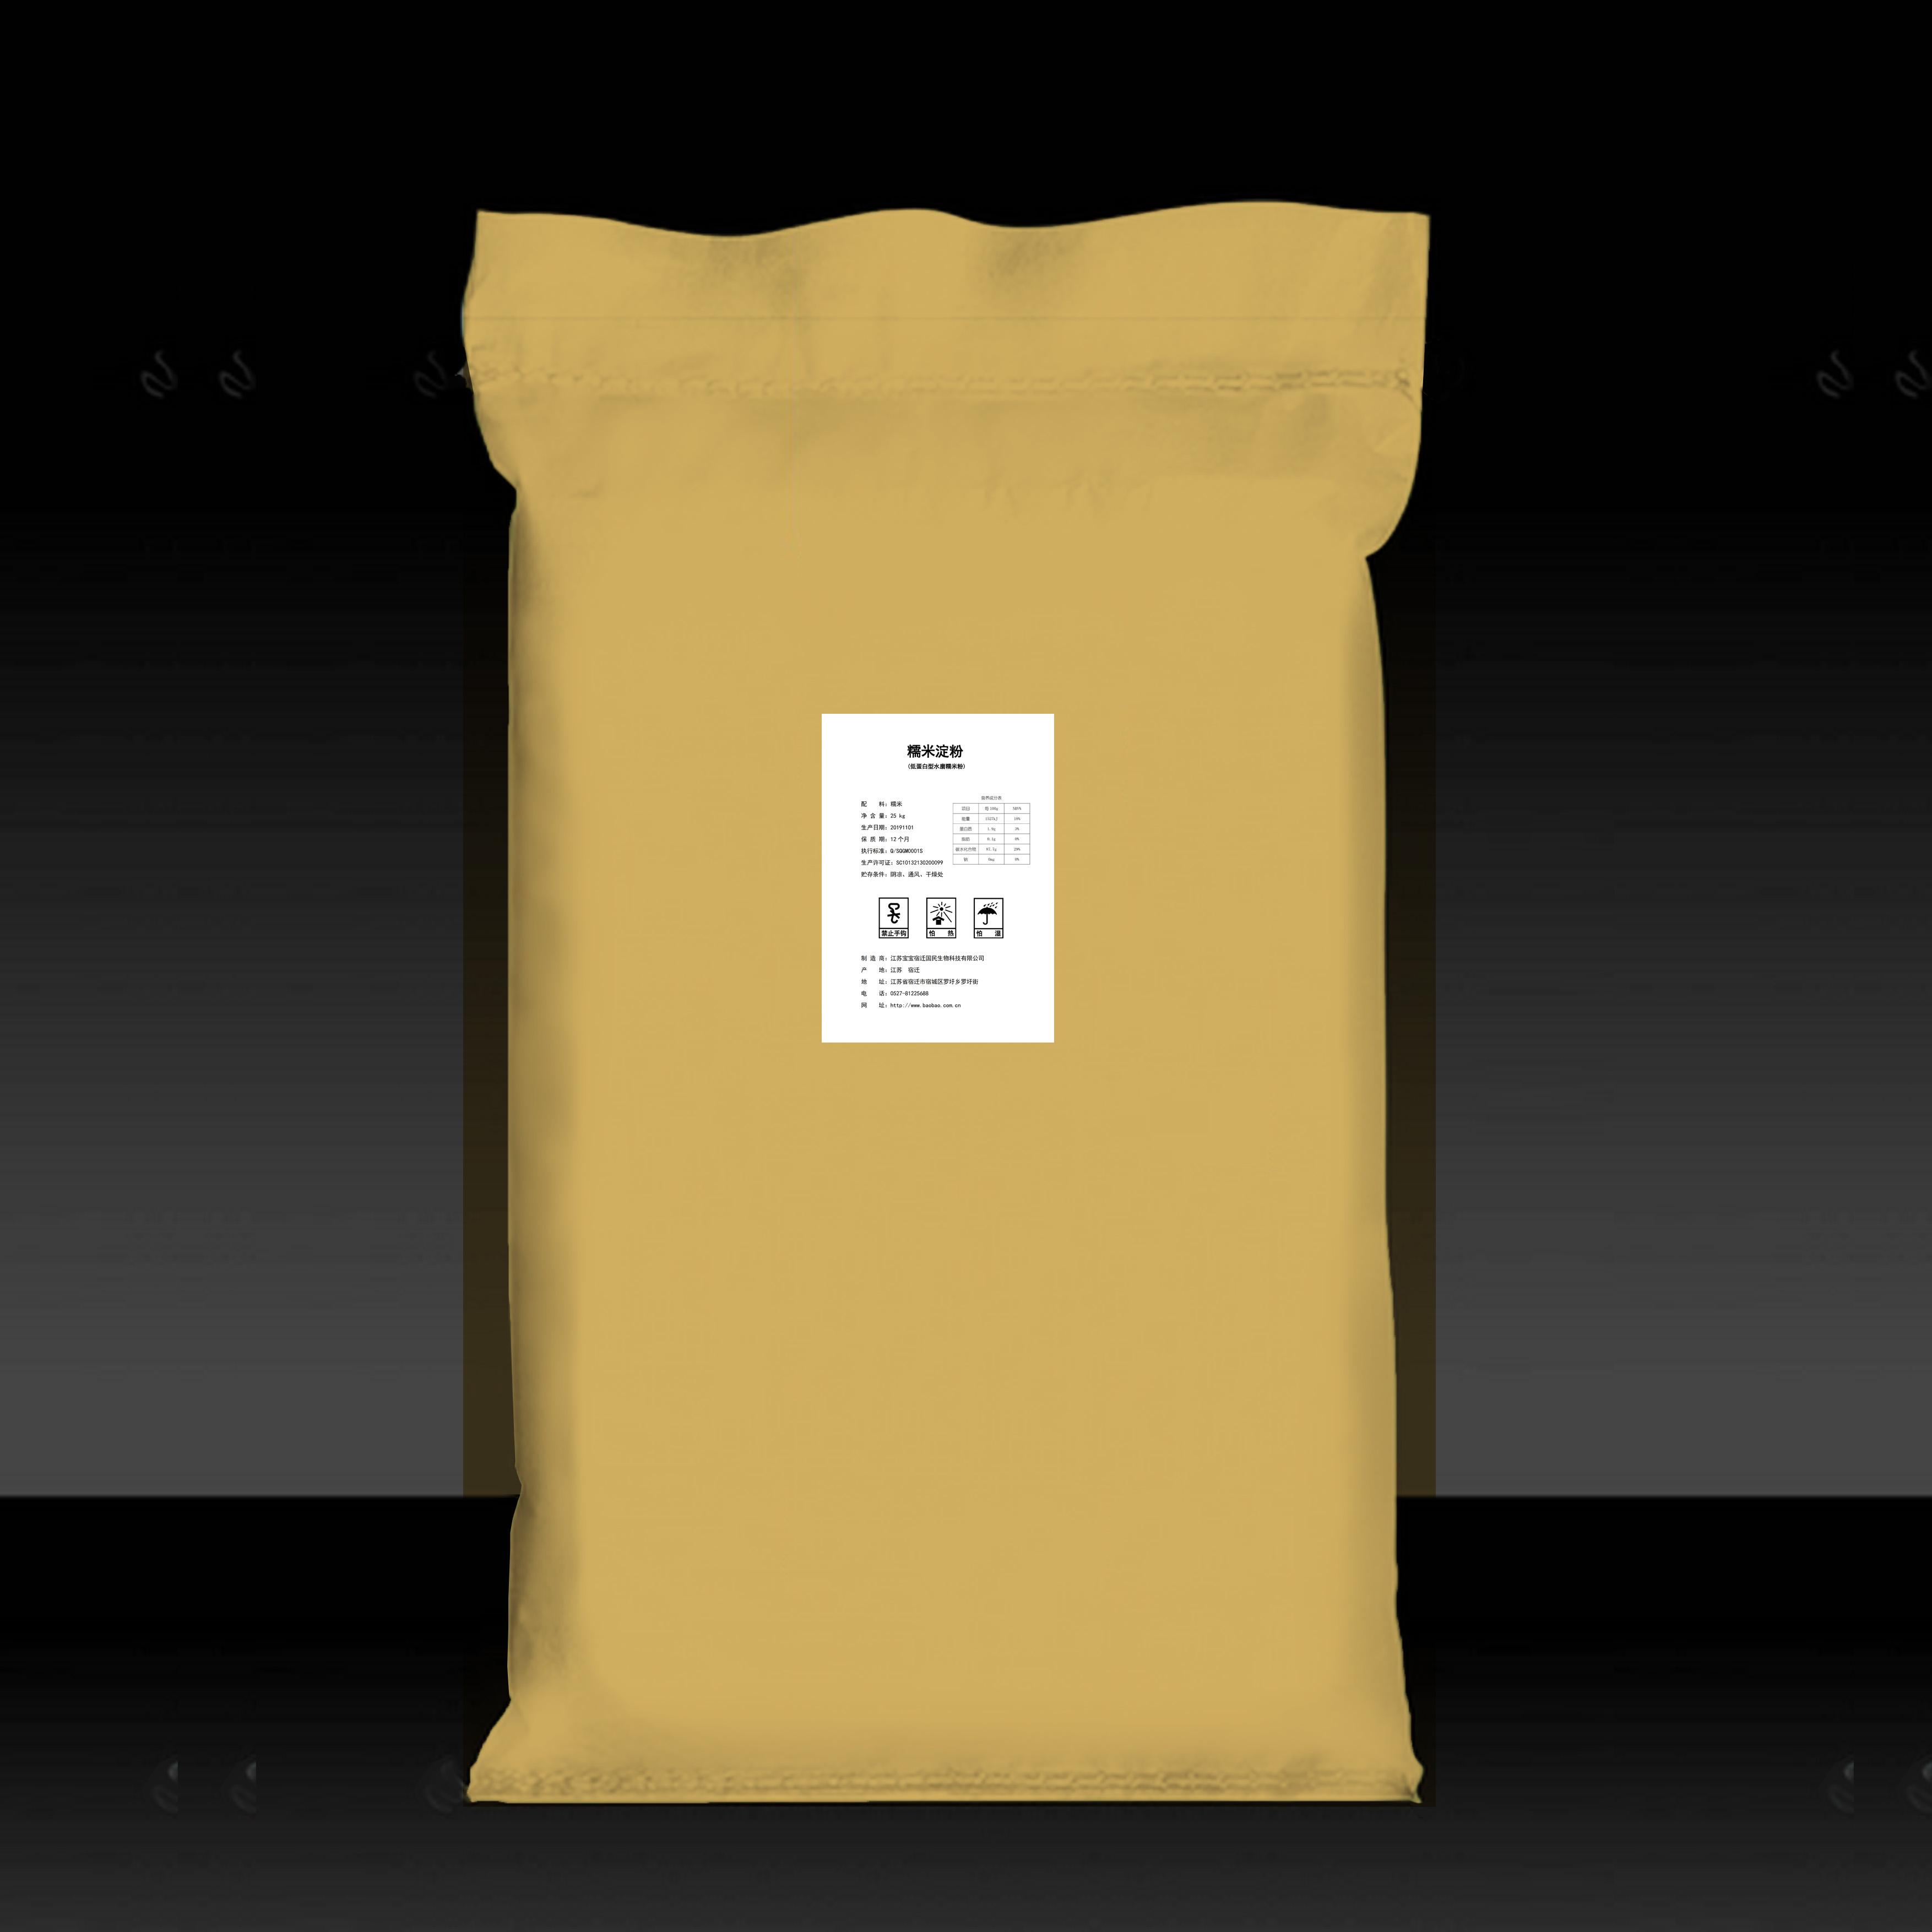 糯米淀粉 低蛋白糯米粉 用于各种糕点、膨化食品